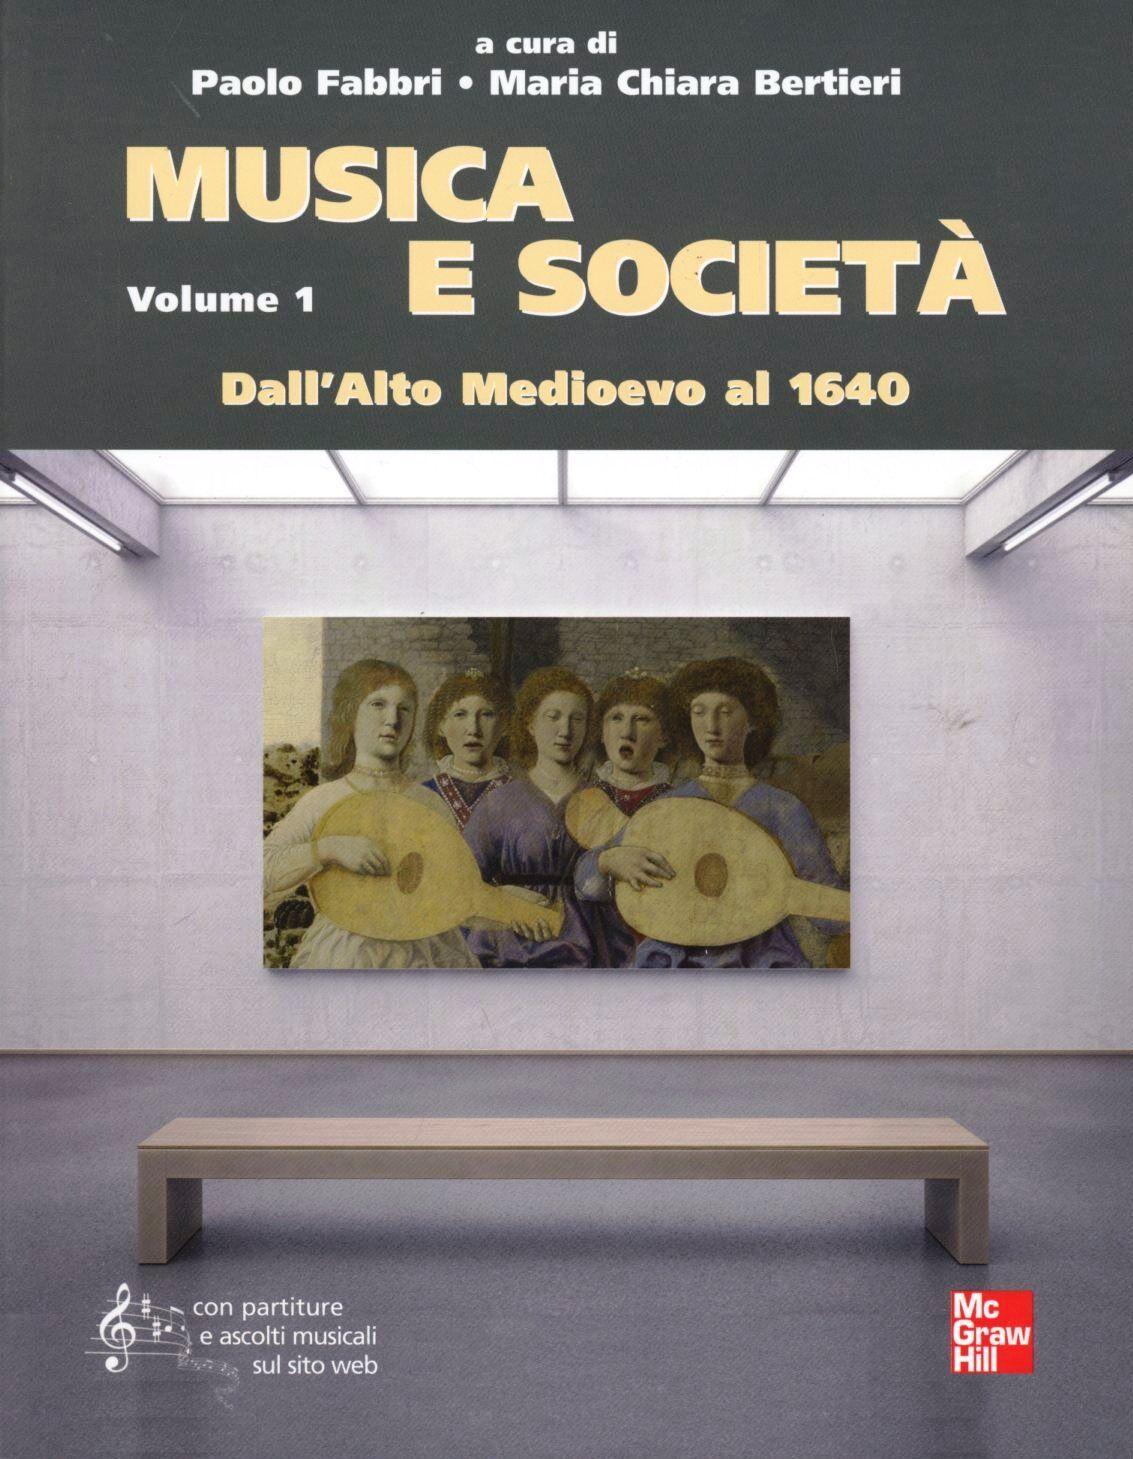 Musica e società. Vol. 1: Dall'Alto Medioevo al 1640.